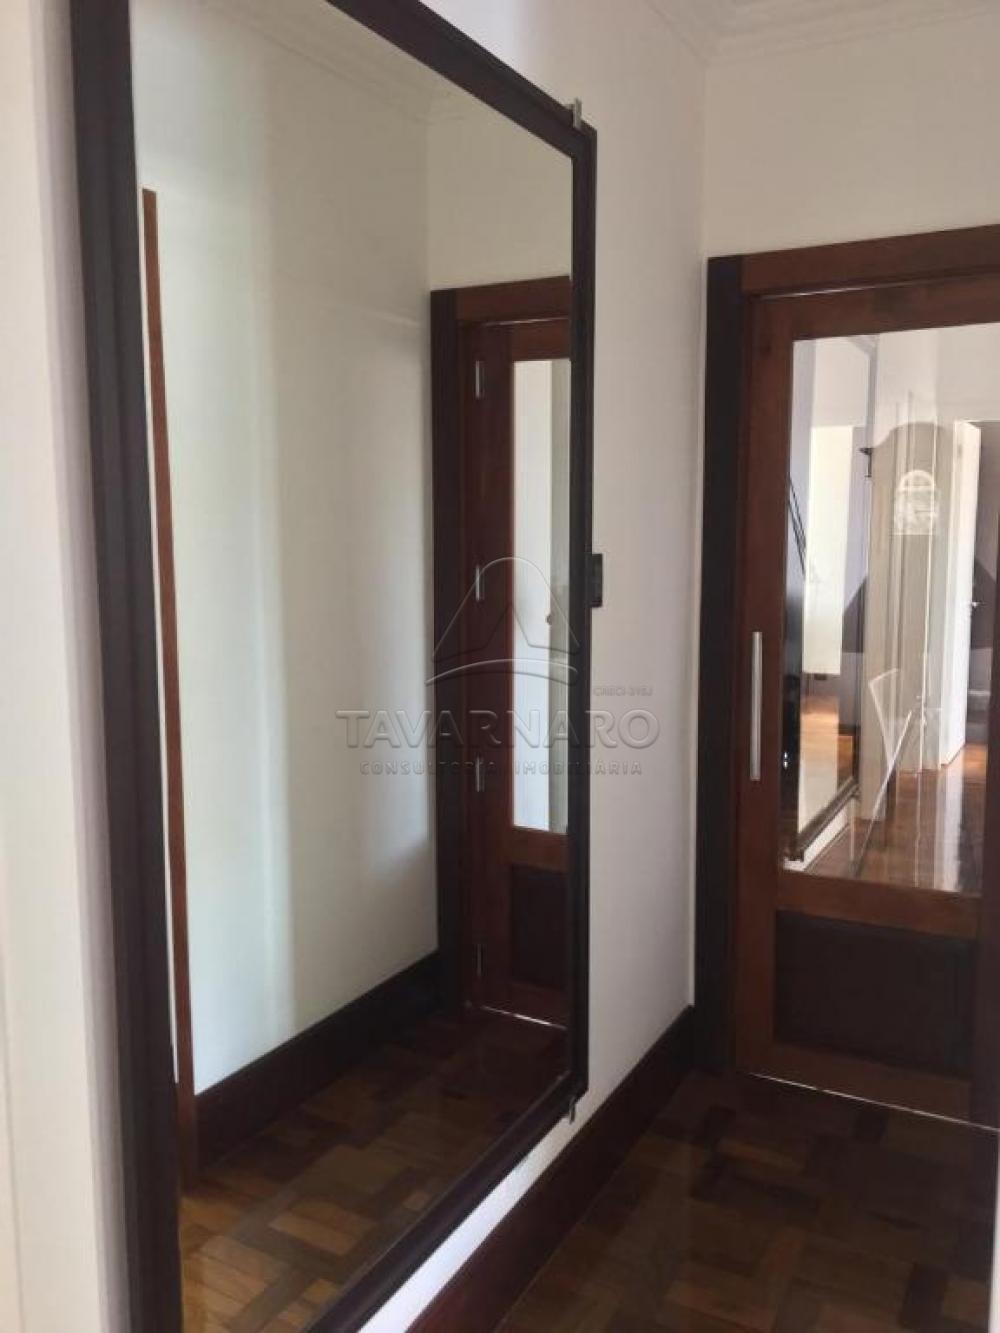 Comprar Apartamento / Padrão em Ponta Grossa R$ 620.000,00 - Foto 13